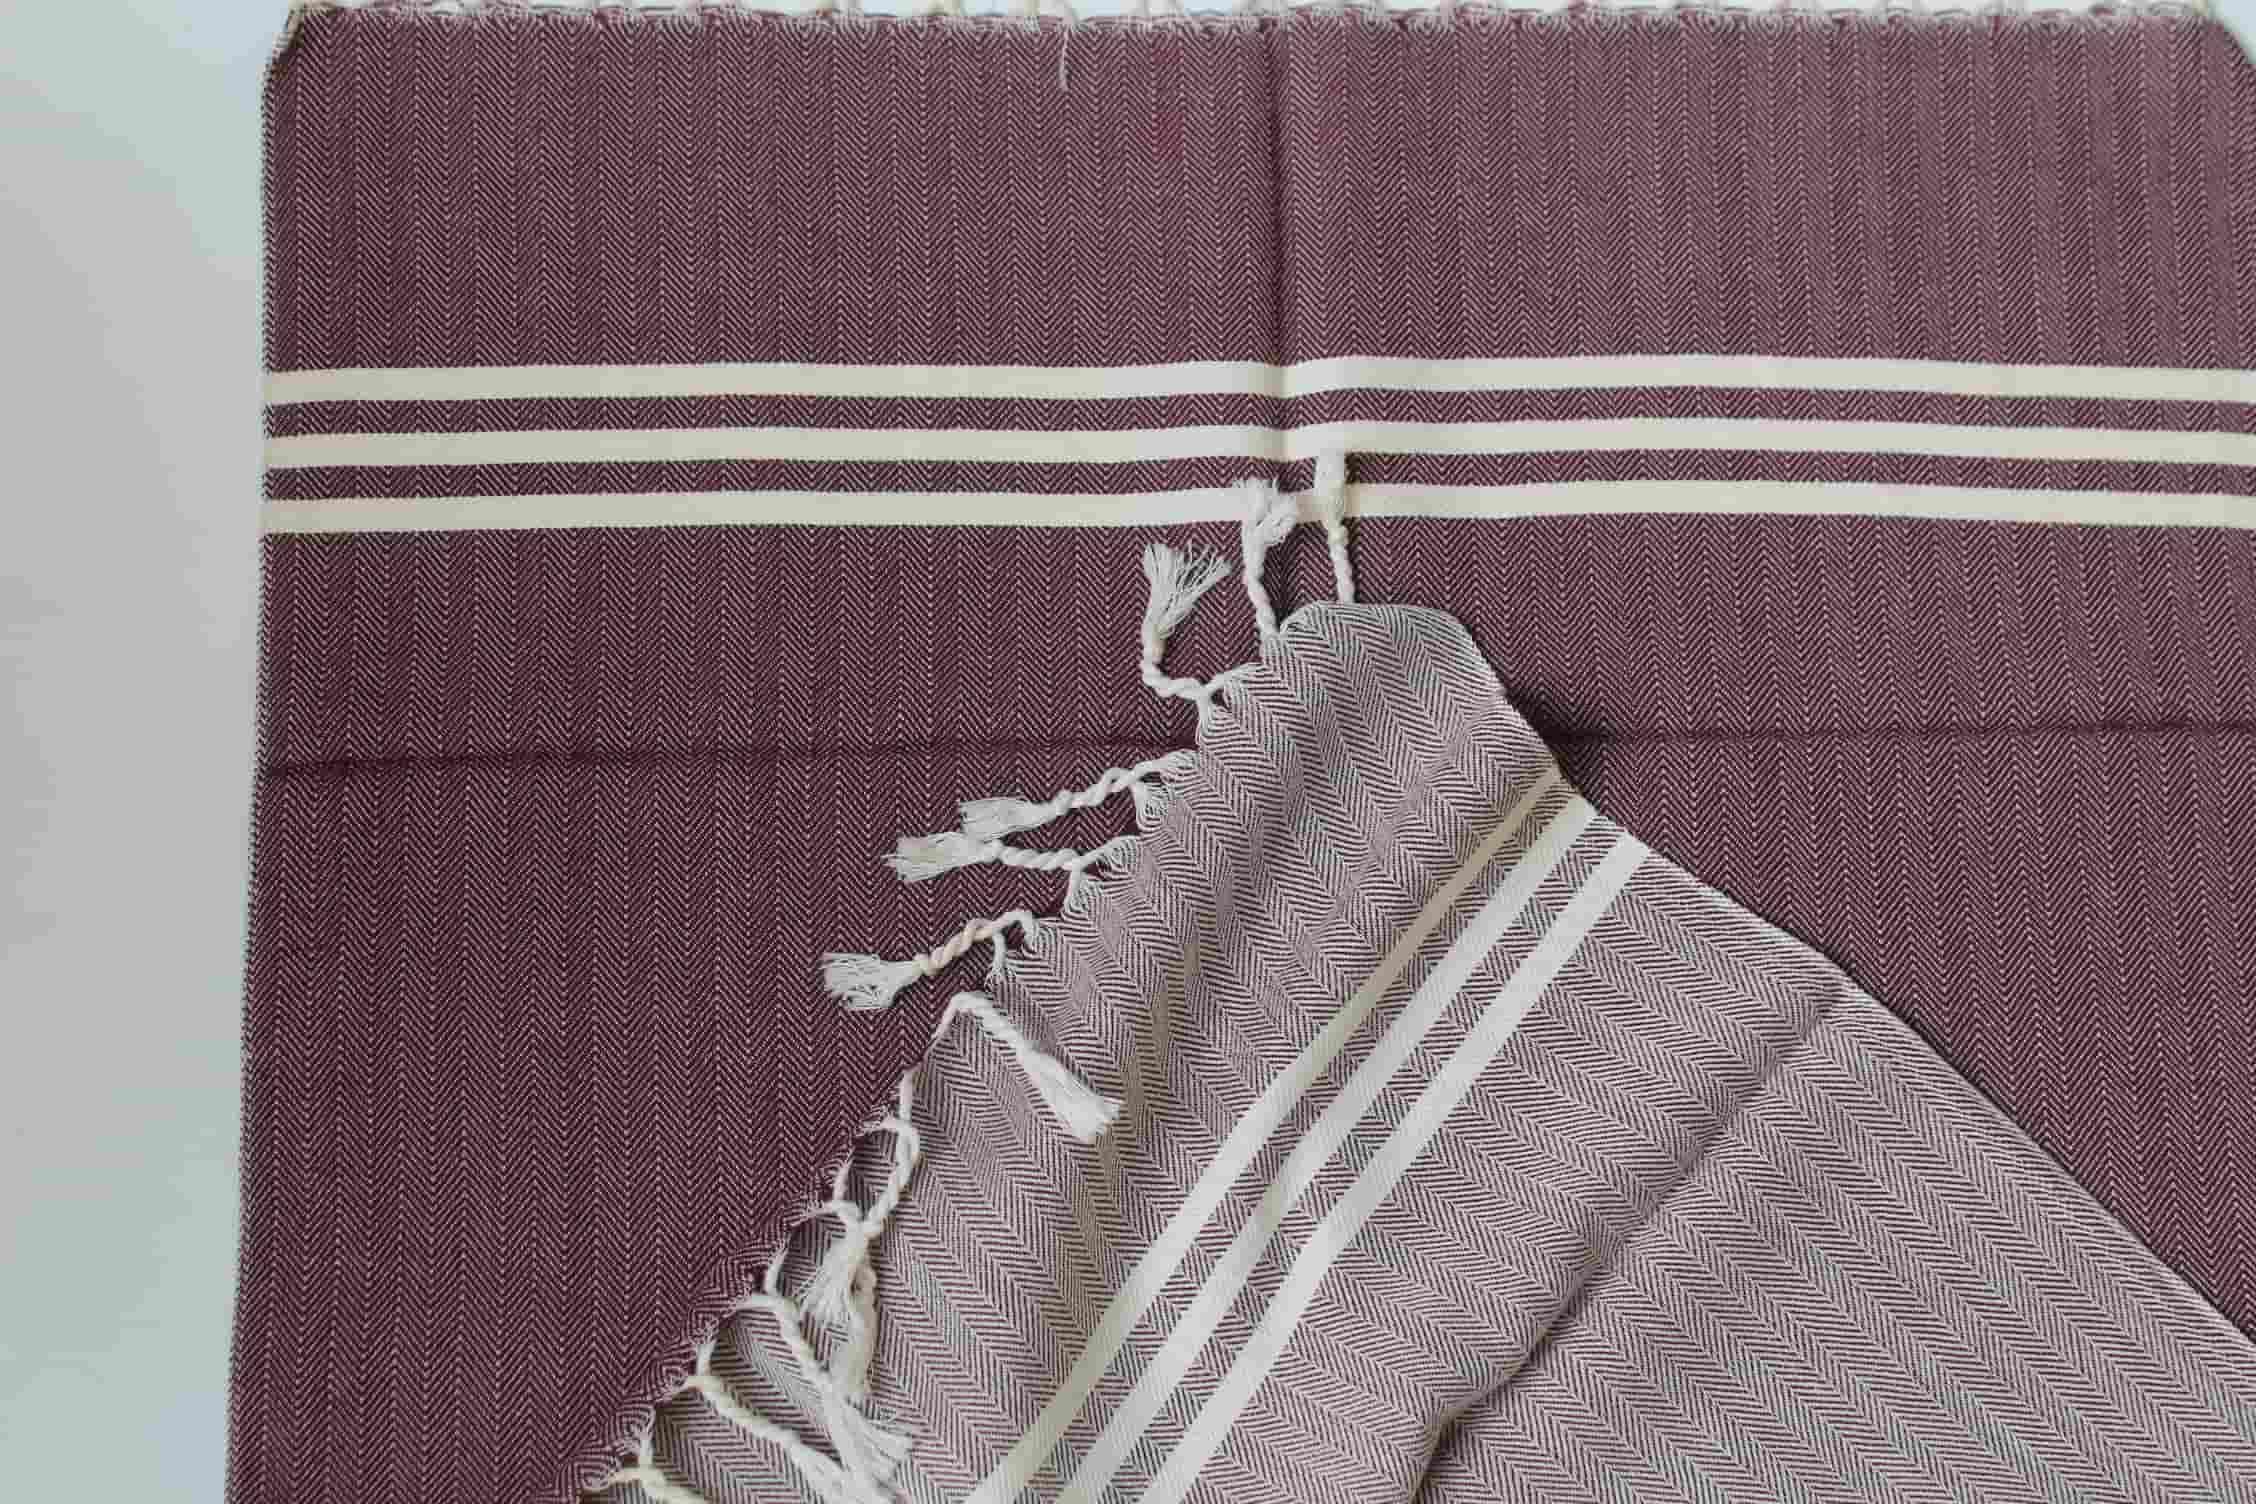 Arrow Fleece Lined Throw